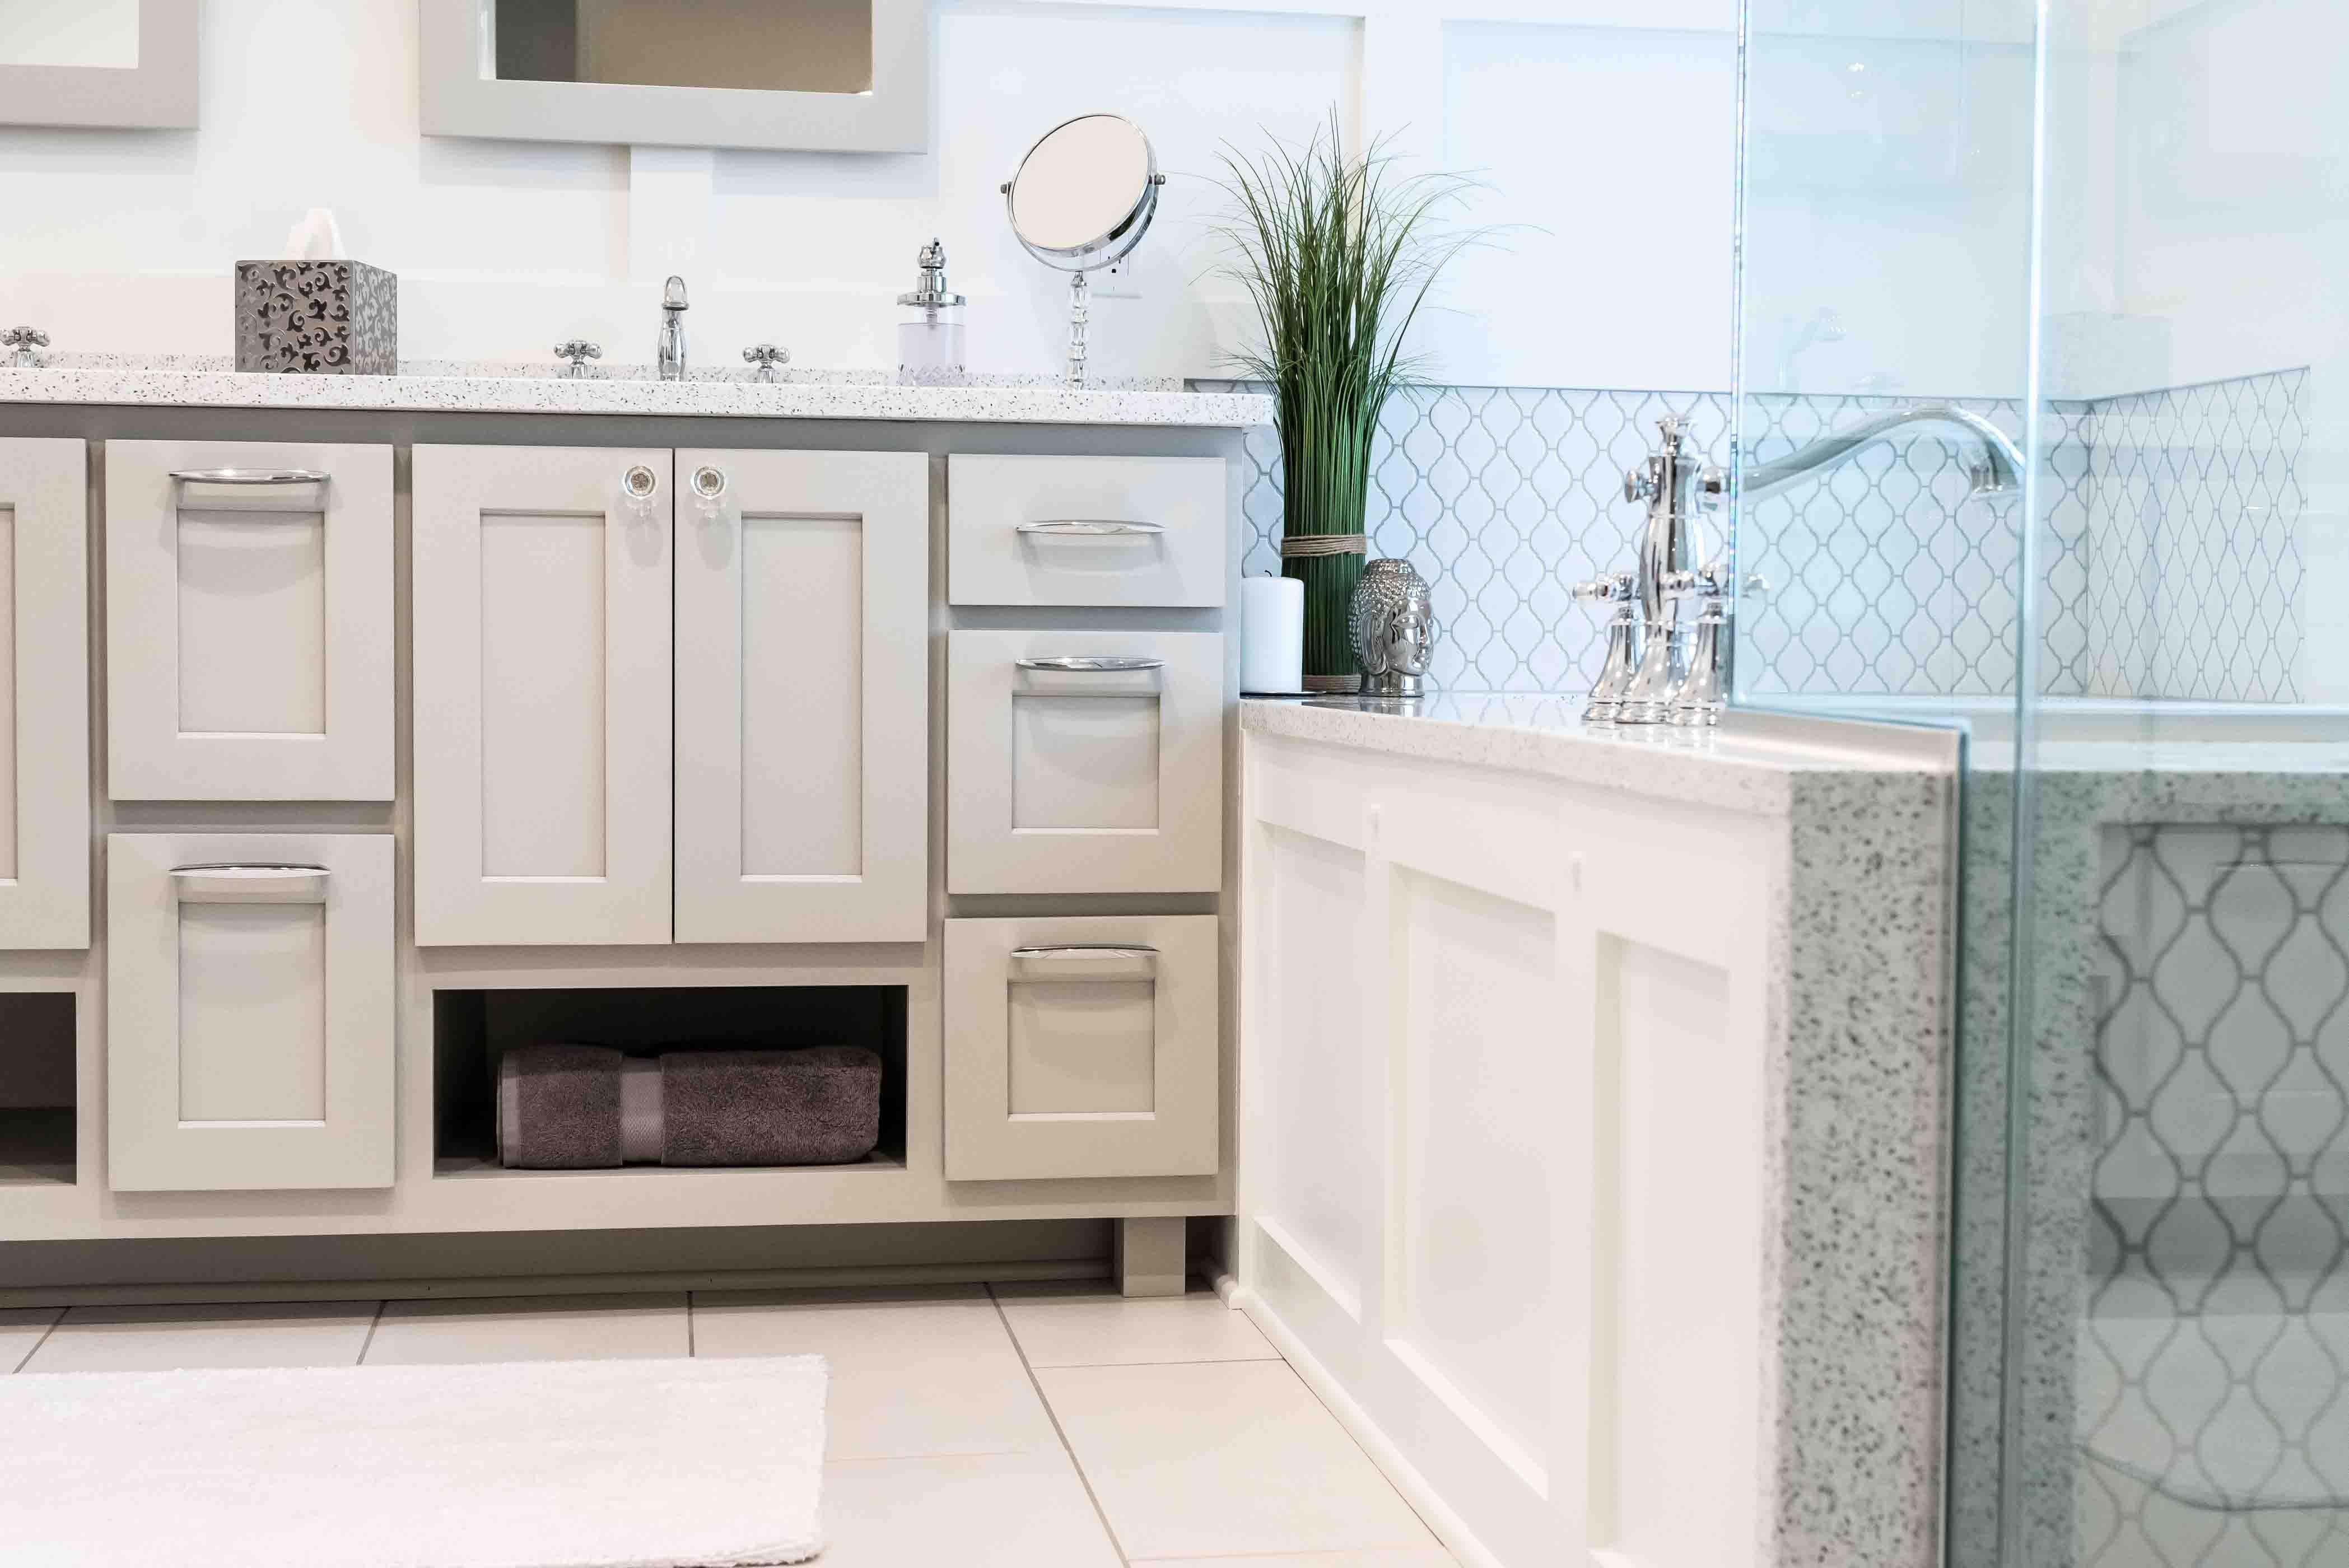 MKE Design Build Design Build Remodel - Bathroom remodeling waukesha